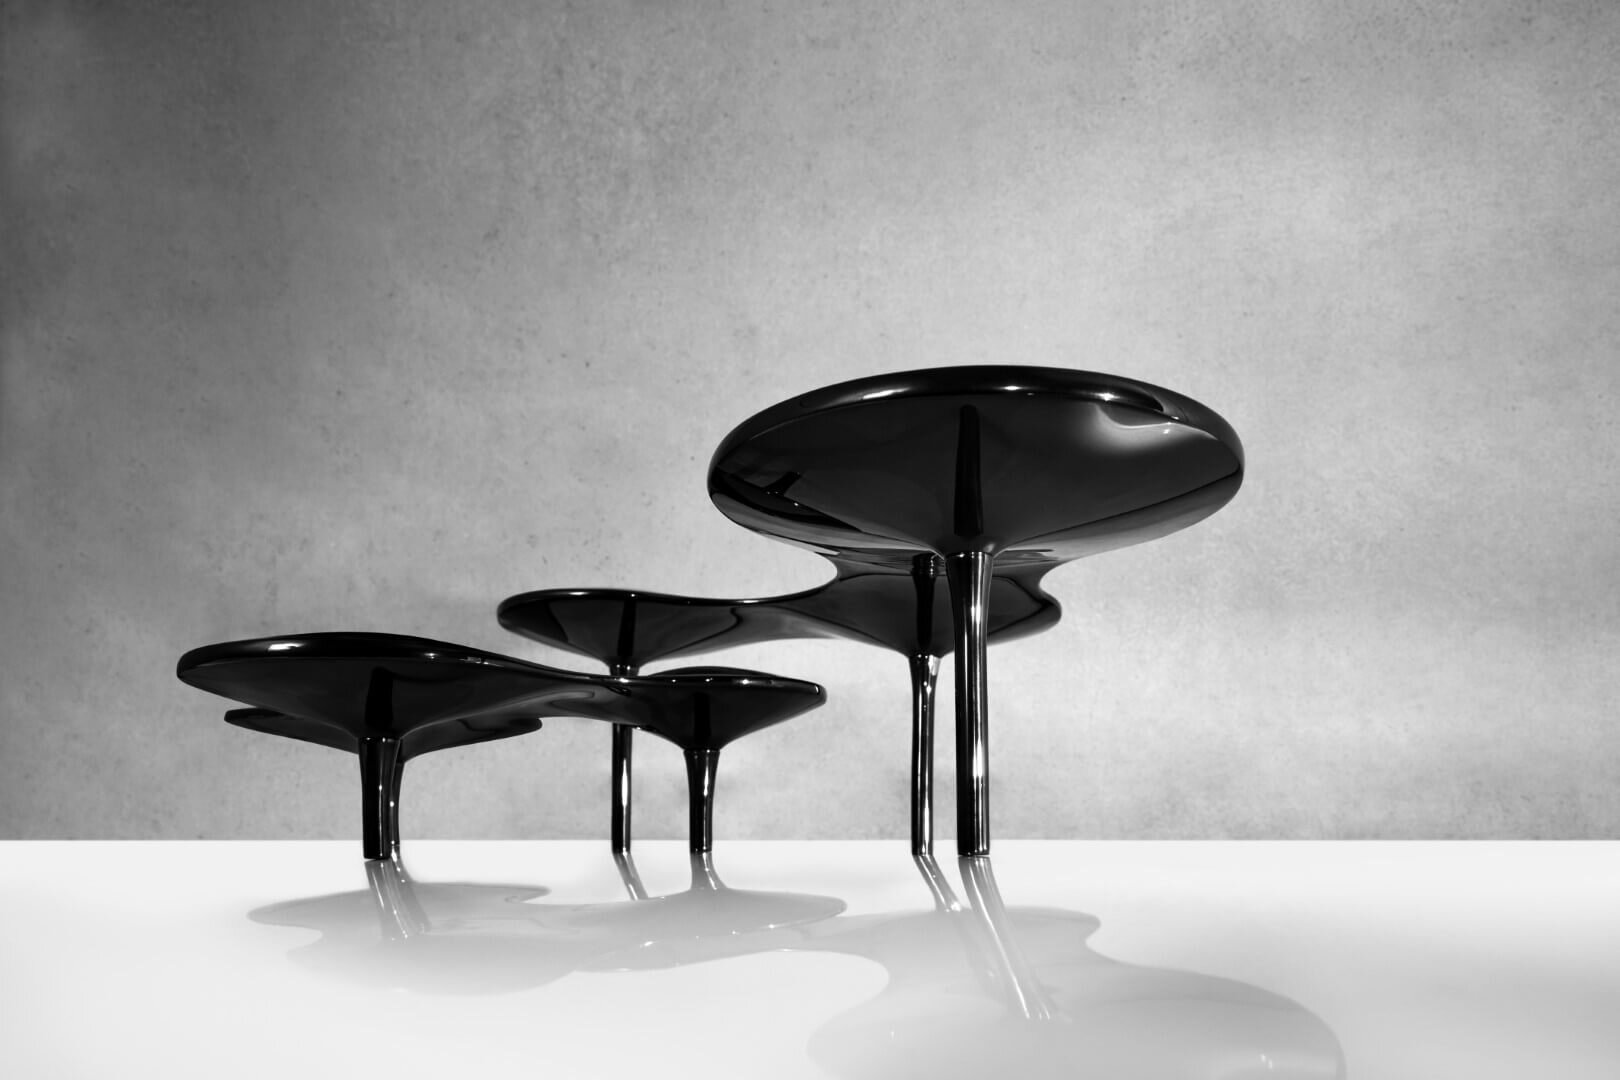 Introducing Zaha Hadid Design